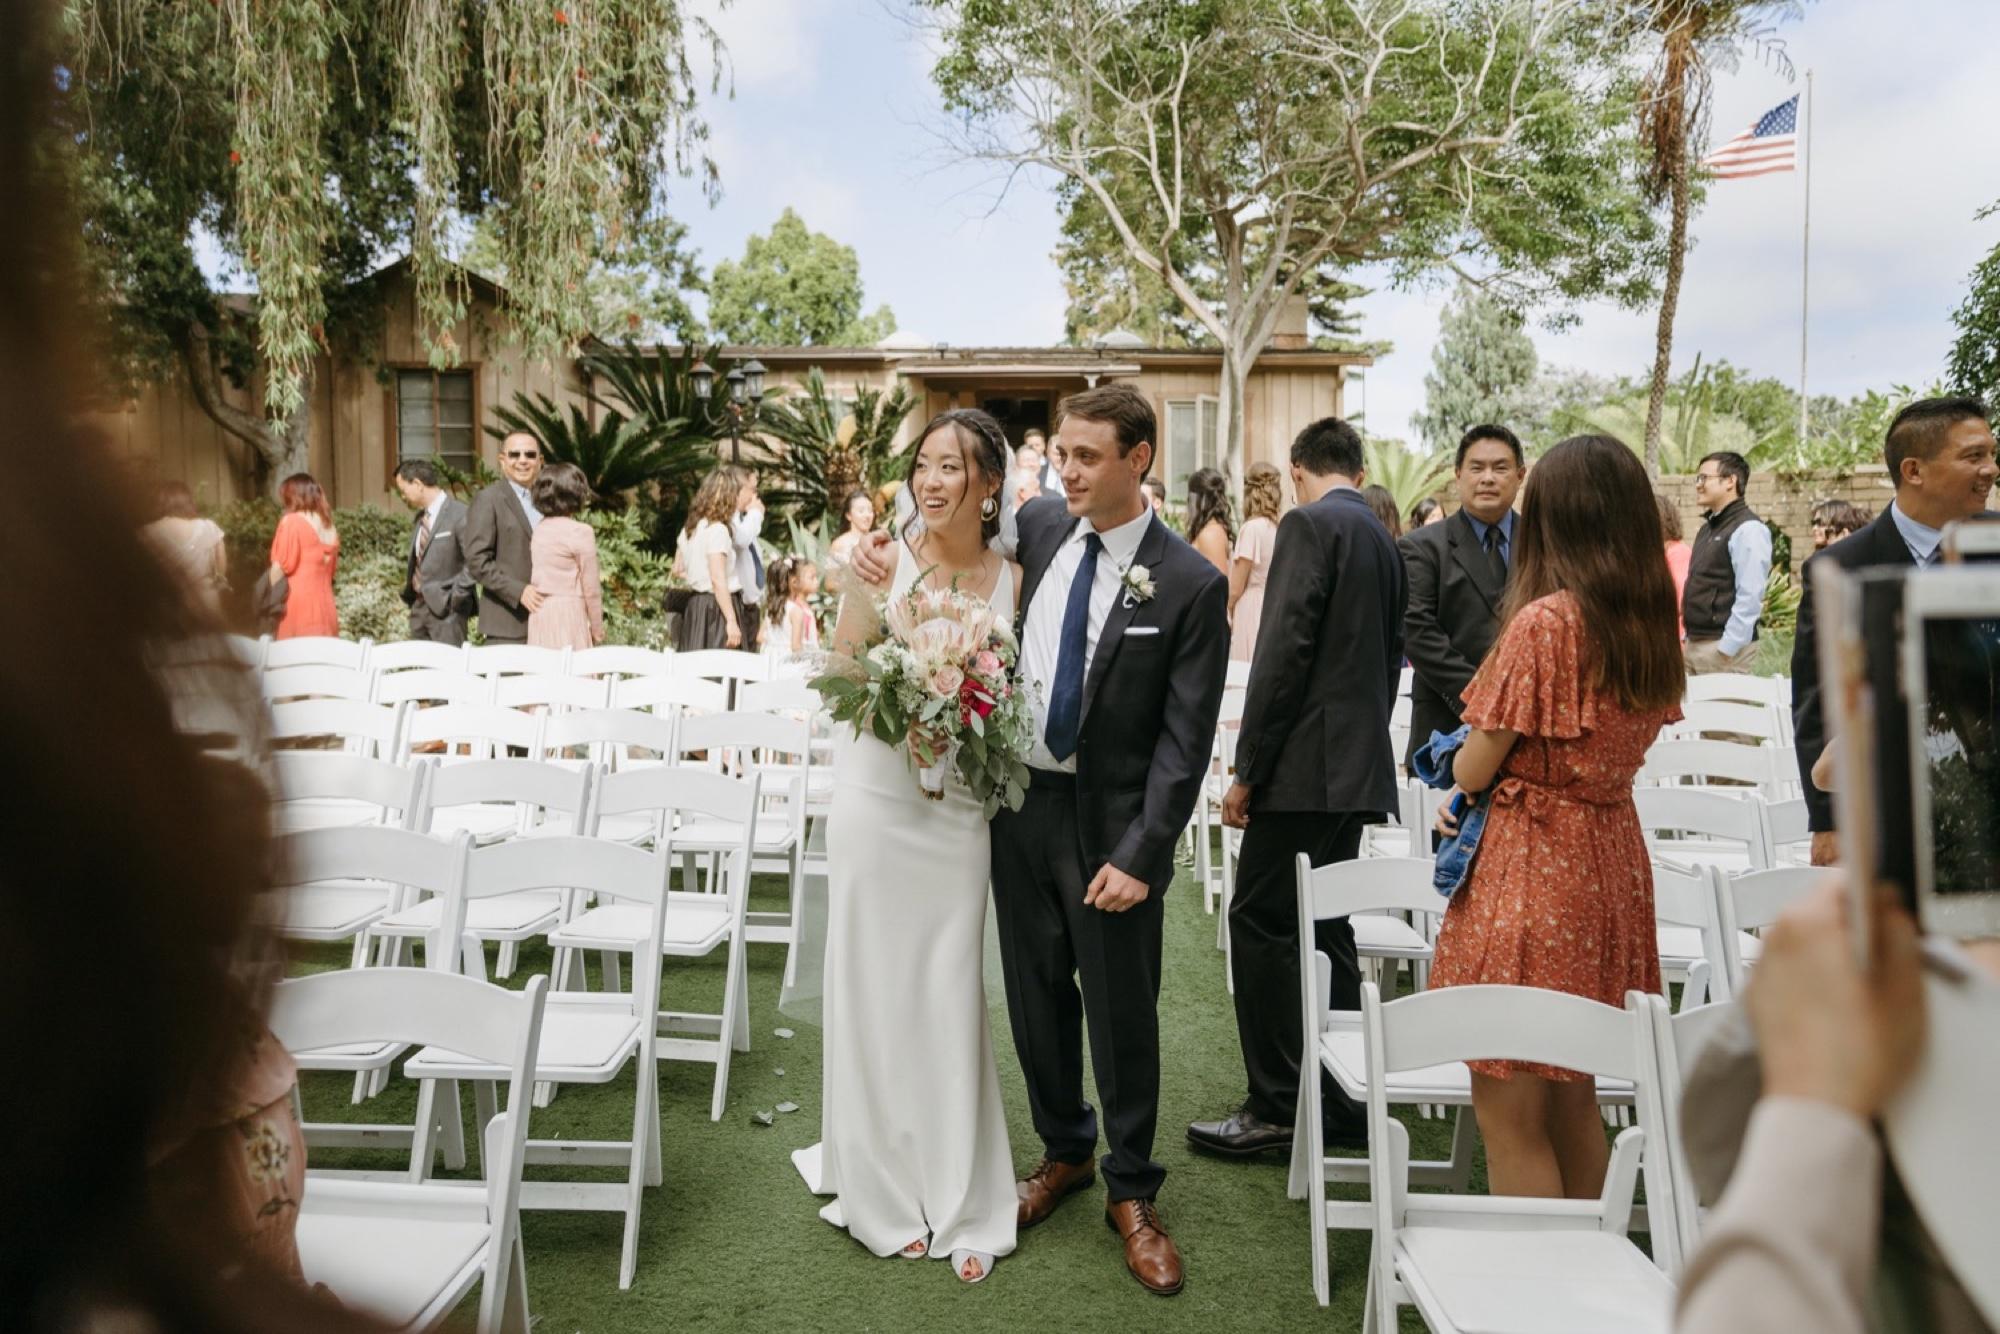 044_Shawna and Steve's Wedding-254.jpg